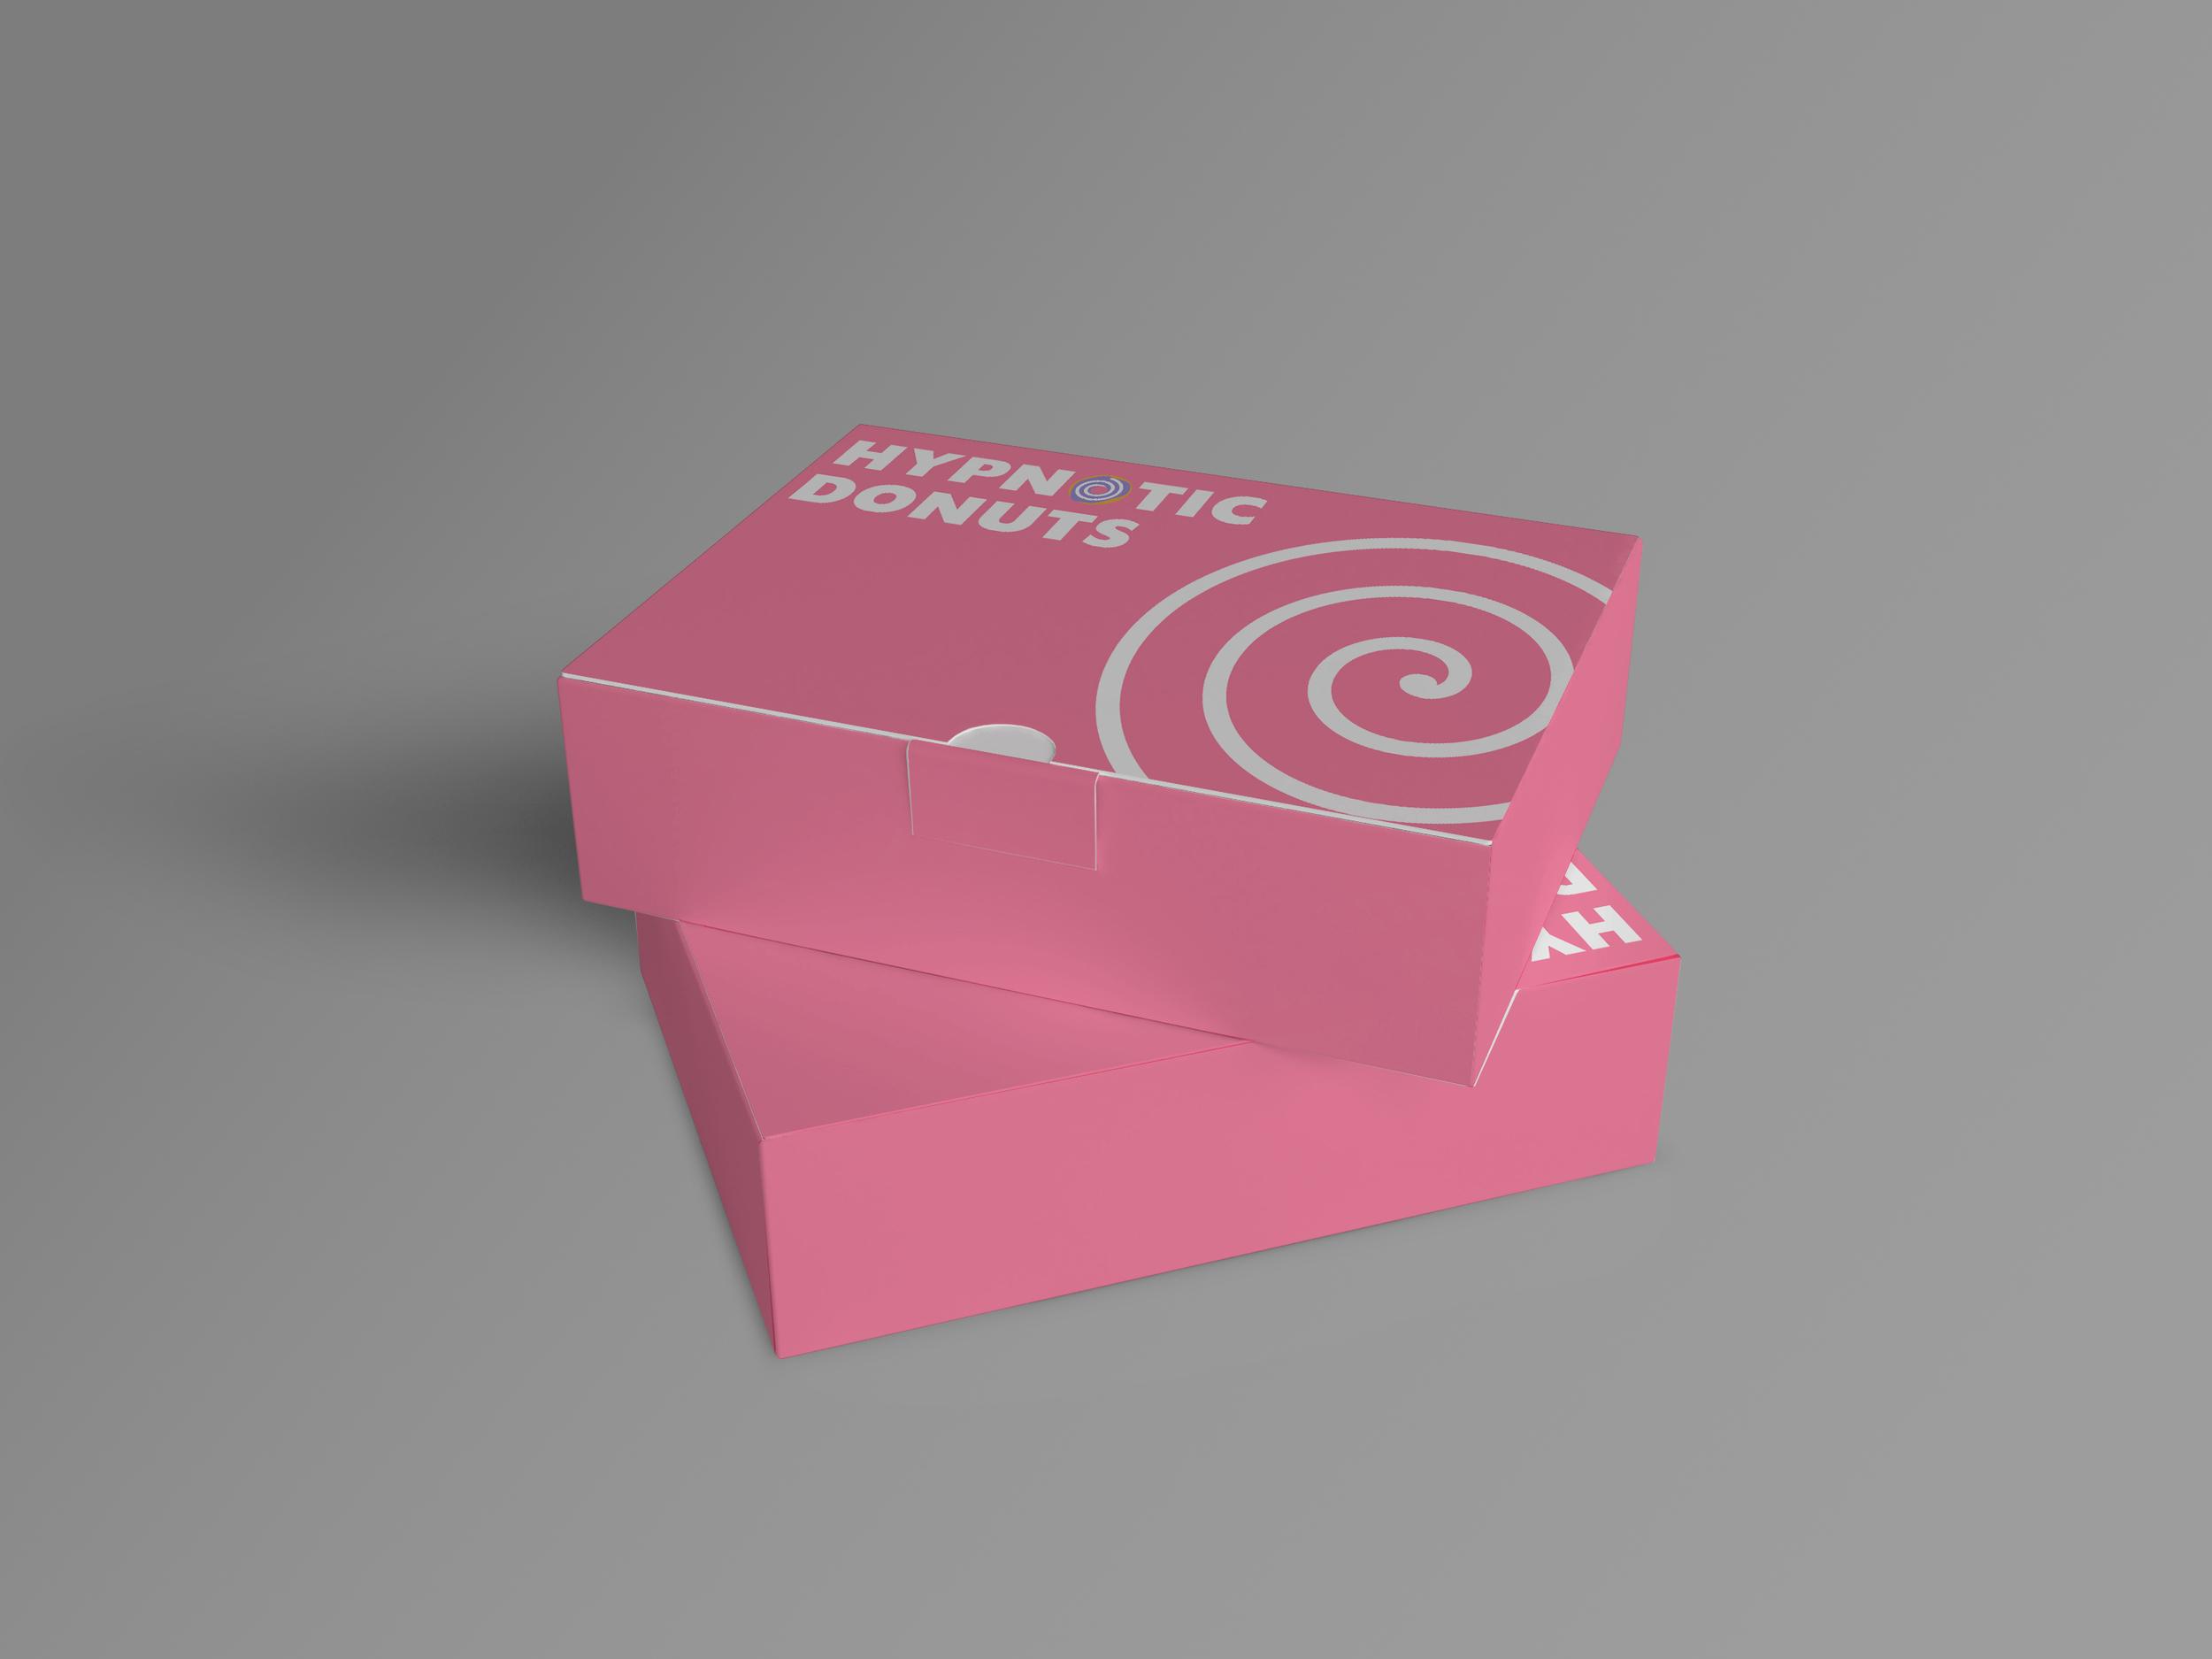 Hypnotic_pink_twobox.jpg